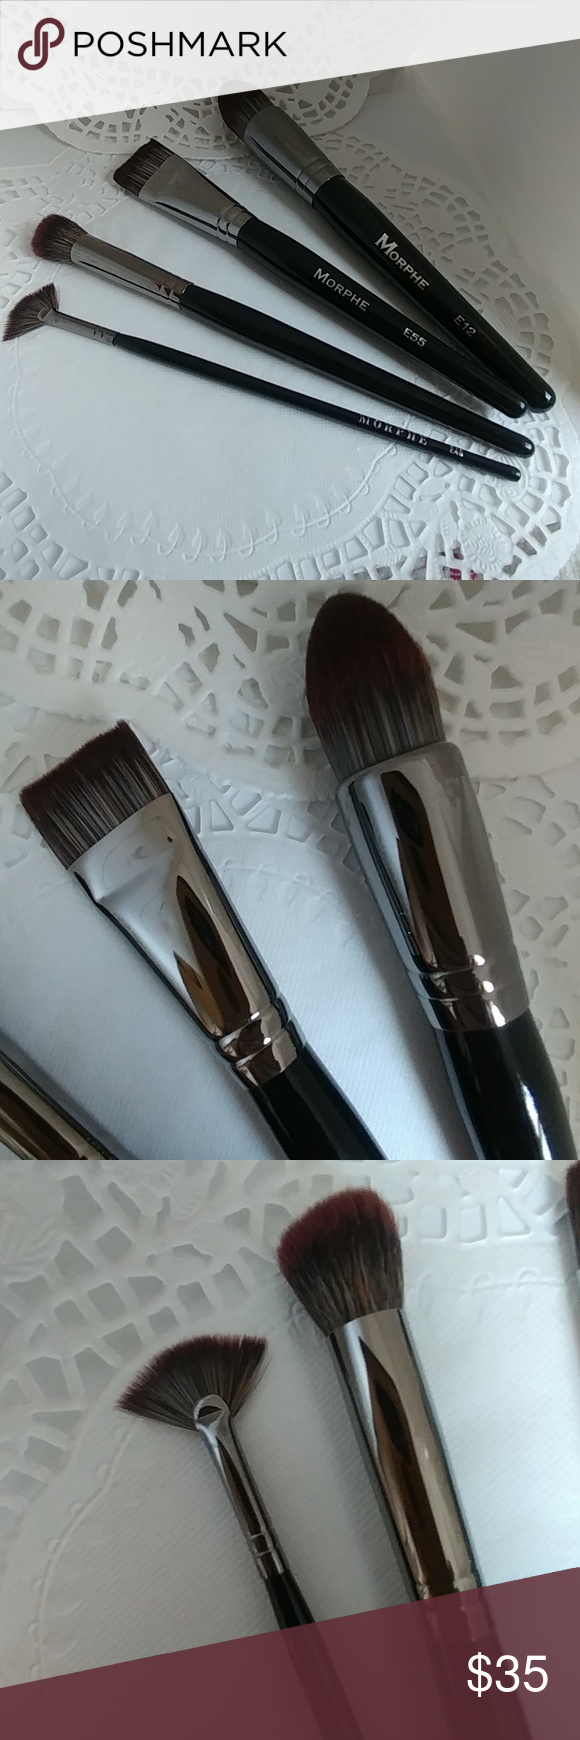 4 Piece MORPHE Brush Set NEW NWT Morphe brushes set